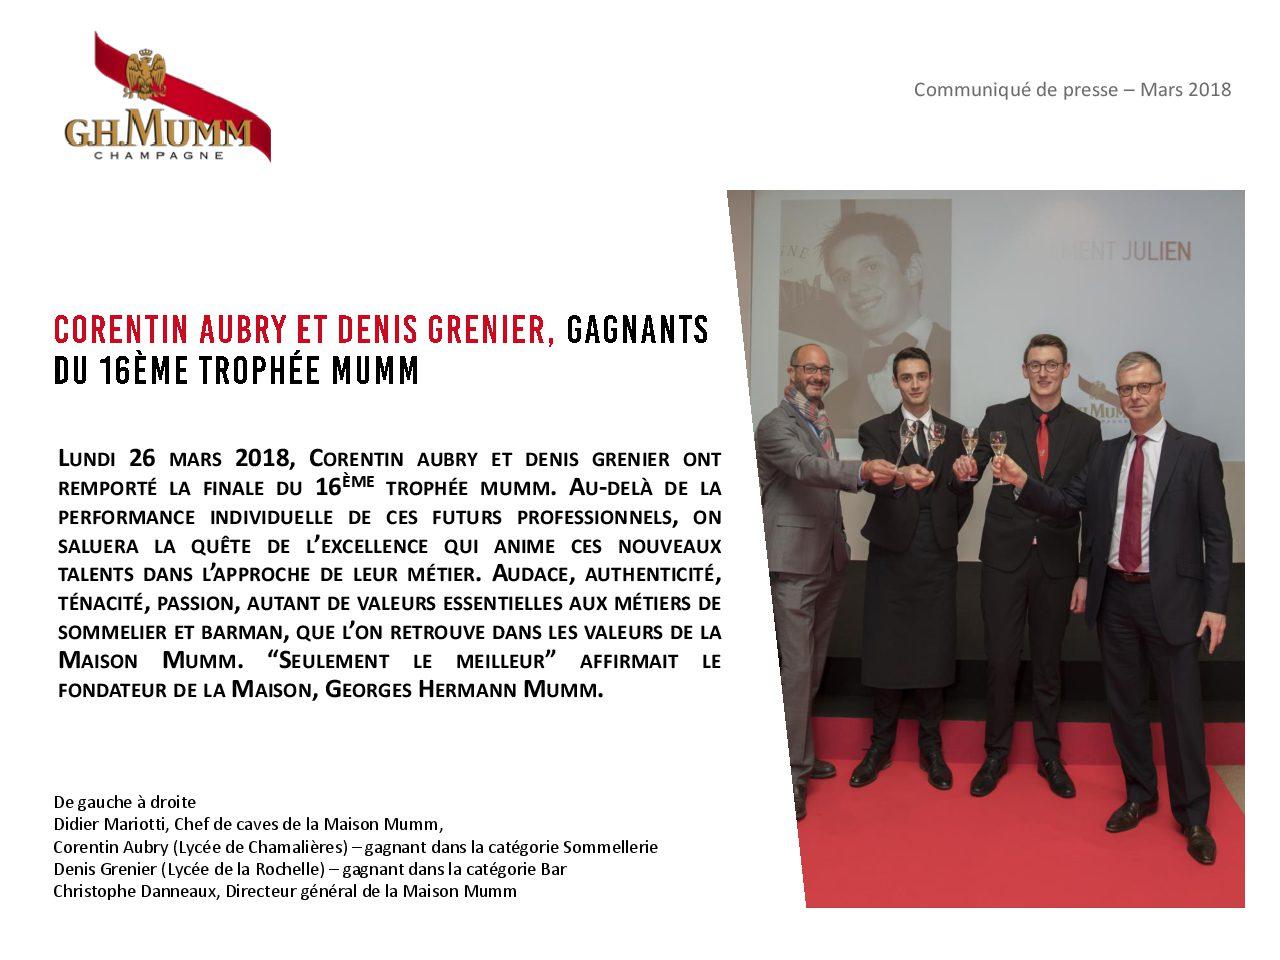 Communique de presse Trophée Mumm 2018-pdf